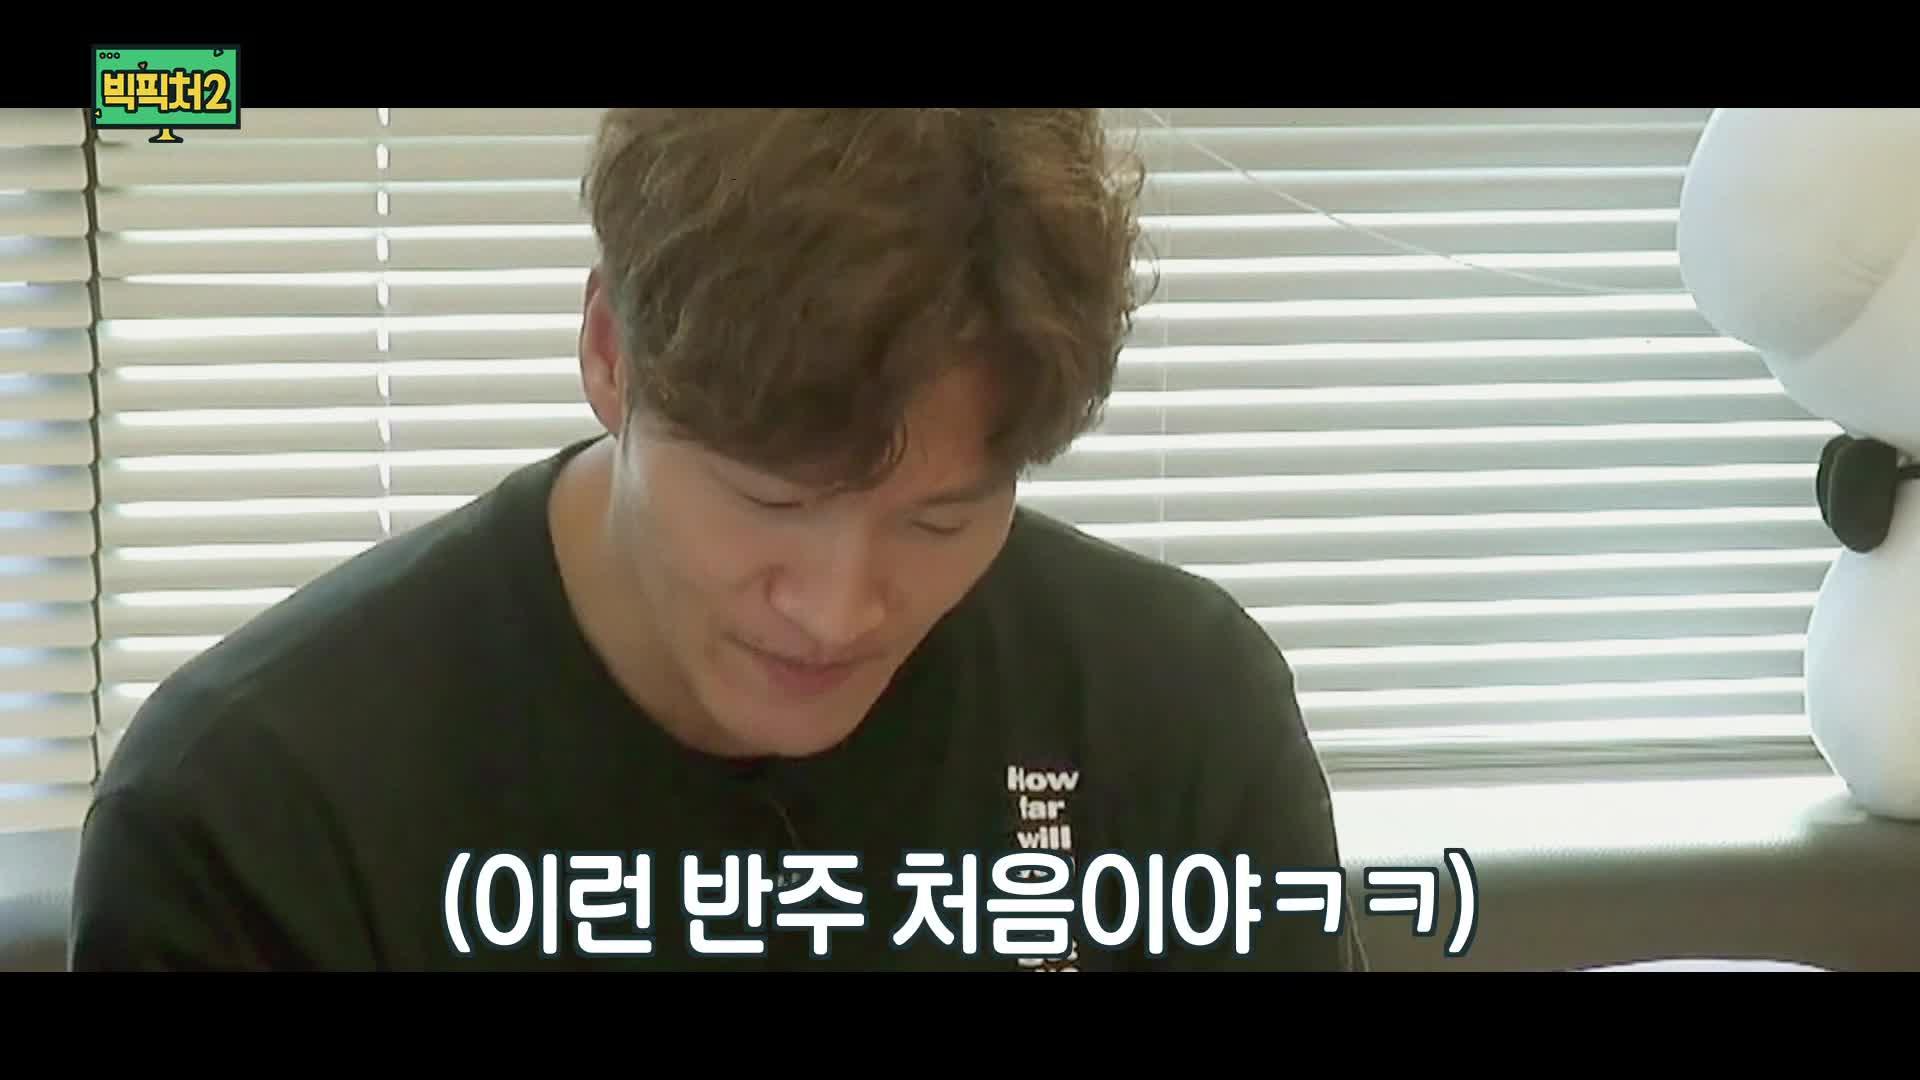 빅픽처2 깜짝영상 9 - 피구왕통키 노래방 라이브(feat.종국&하하)